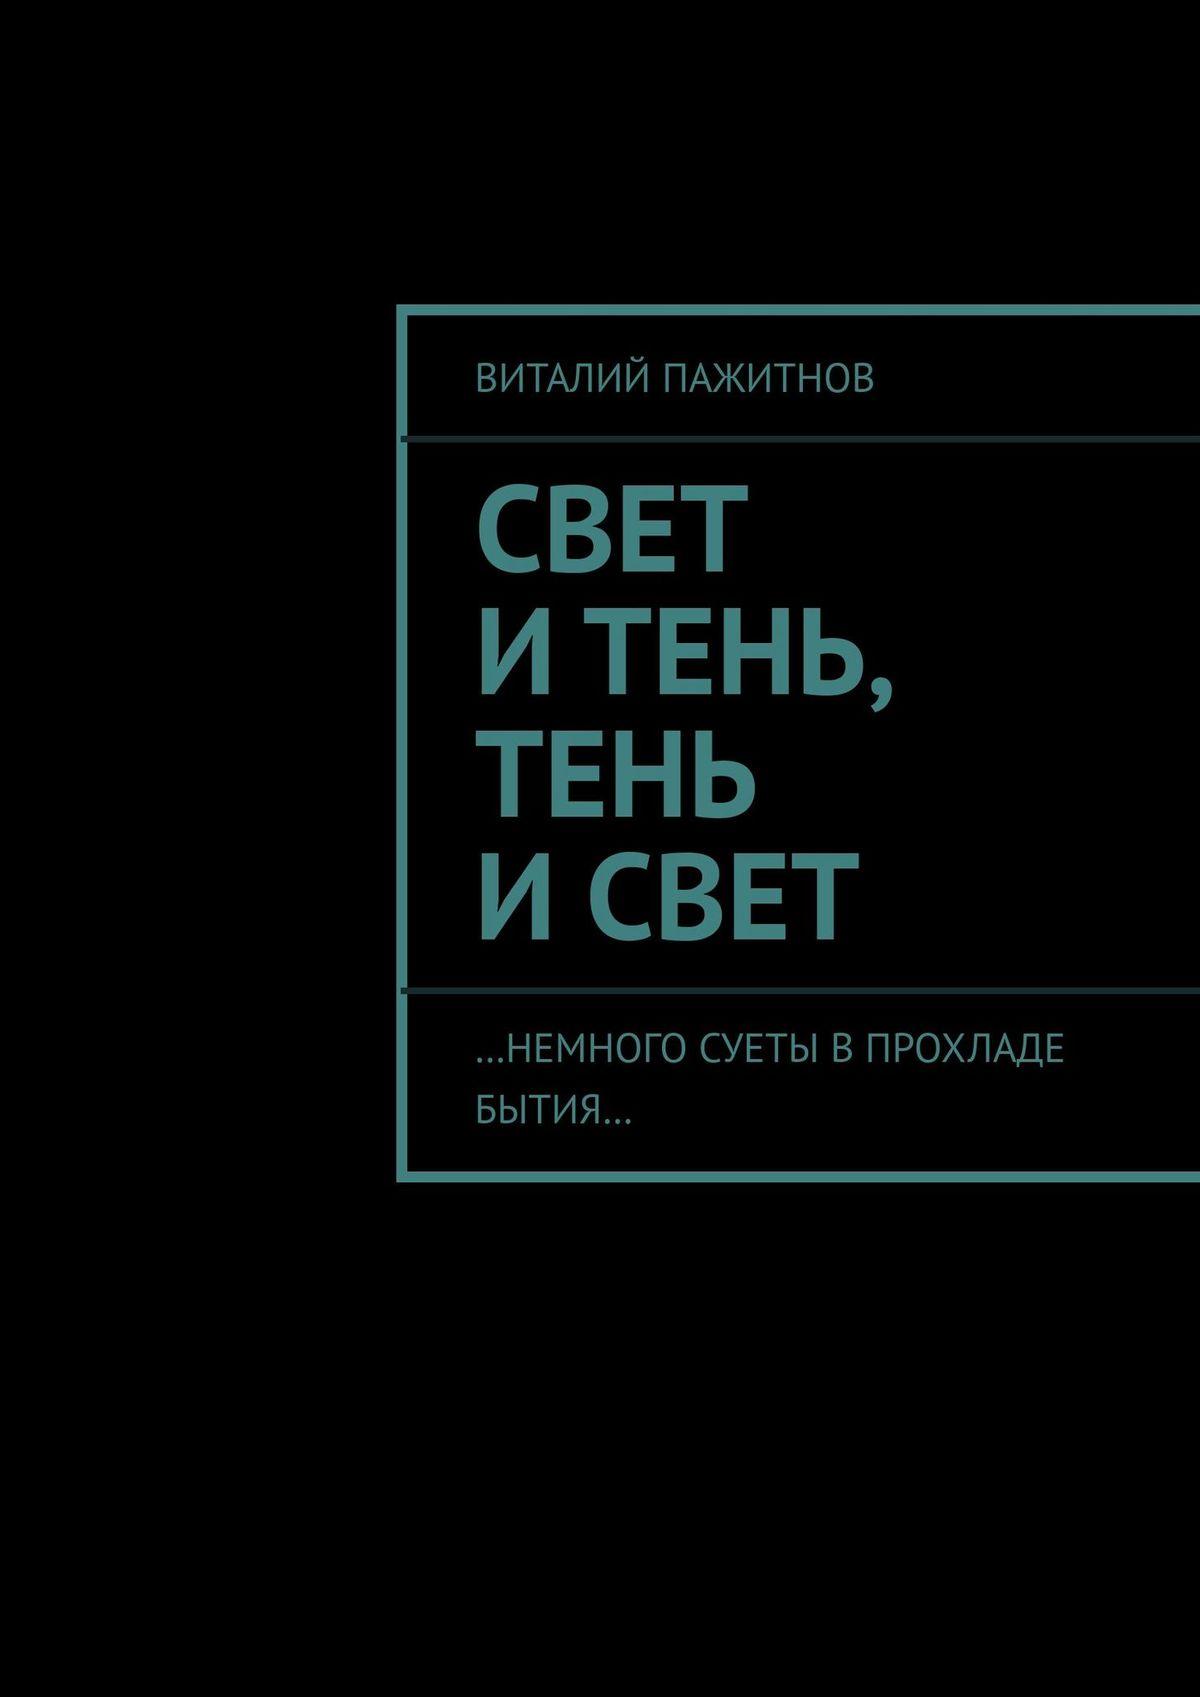 все цены на Виталий Владиславович Пажитнов Свет итень, тень исвет. …Немного суеты впрохладе бытия… онлайн